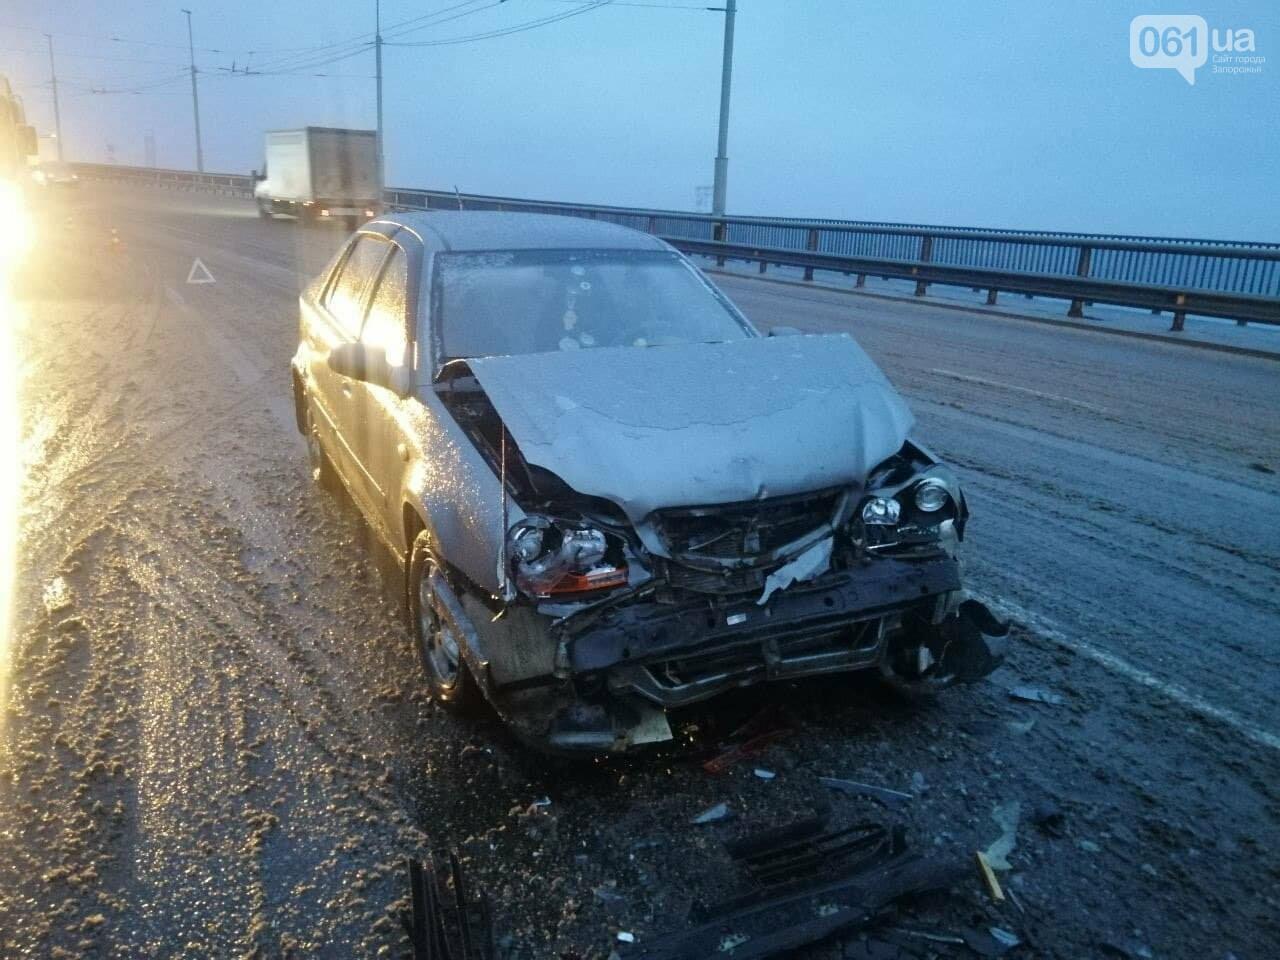 В Запорожье на плотине ДнепроГЭС две иномарки не поделили дорогу, - ФОТО, фото-3